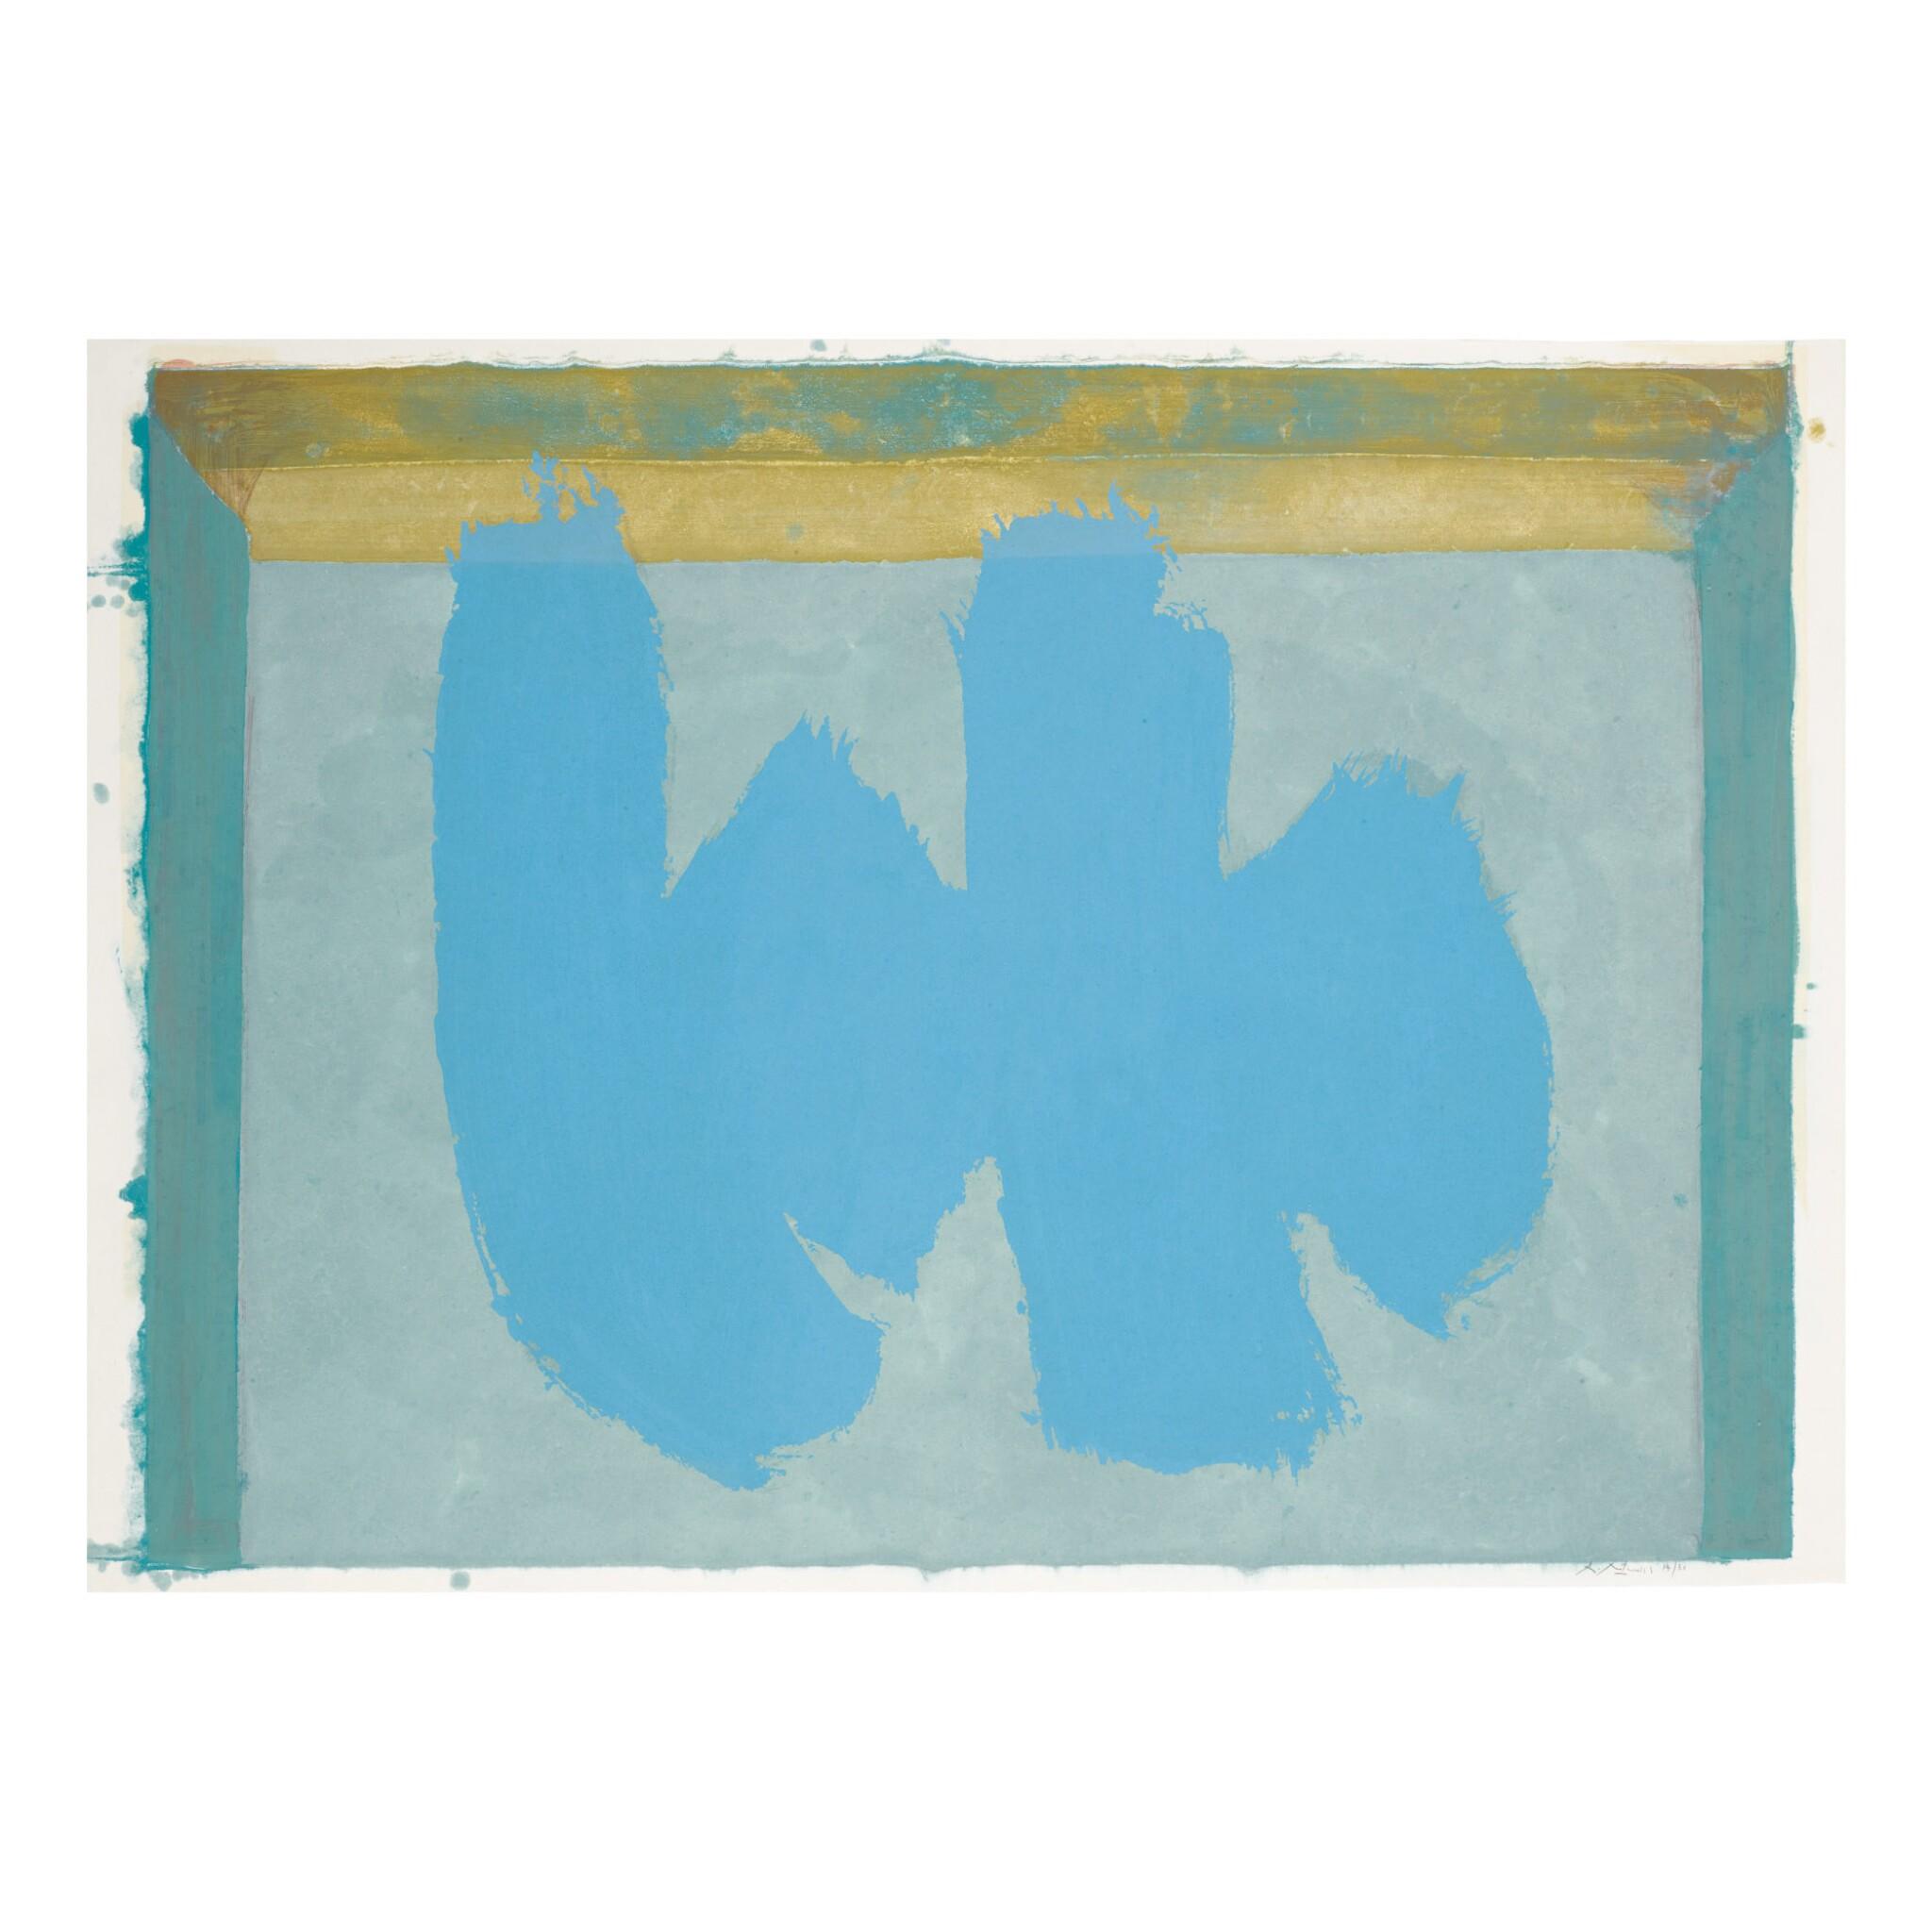 View full screen - View 1 of Lot 24. ROBERT MOTHERWELL | BLUE ELEGY (WALKER ART CENTER 379).